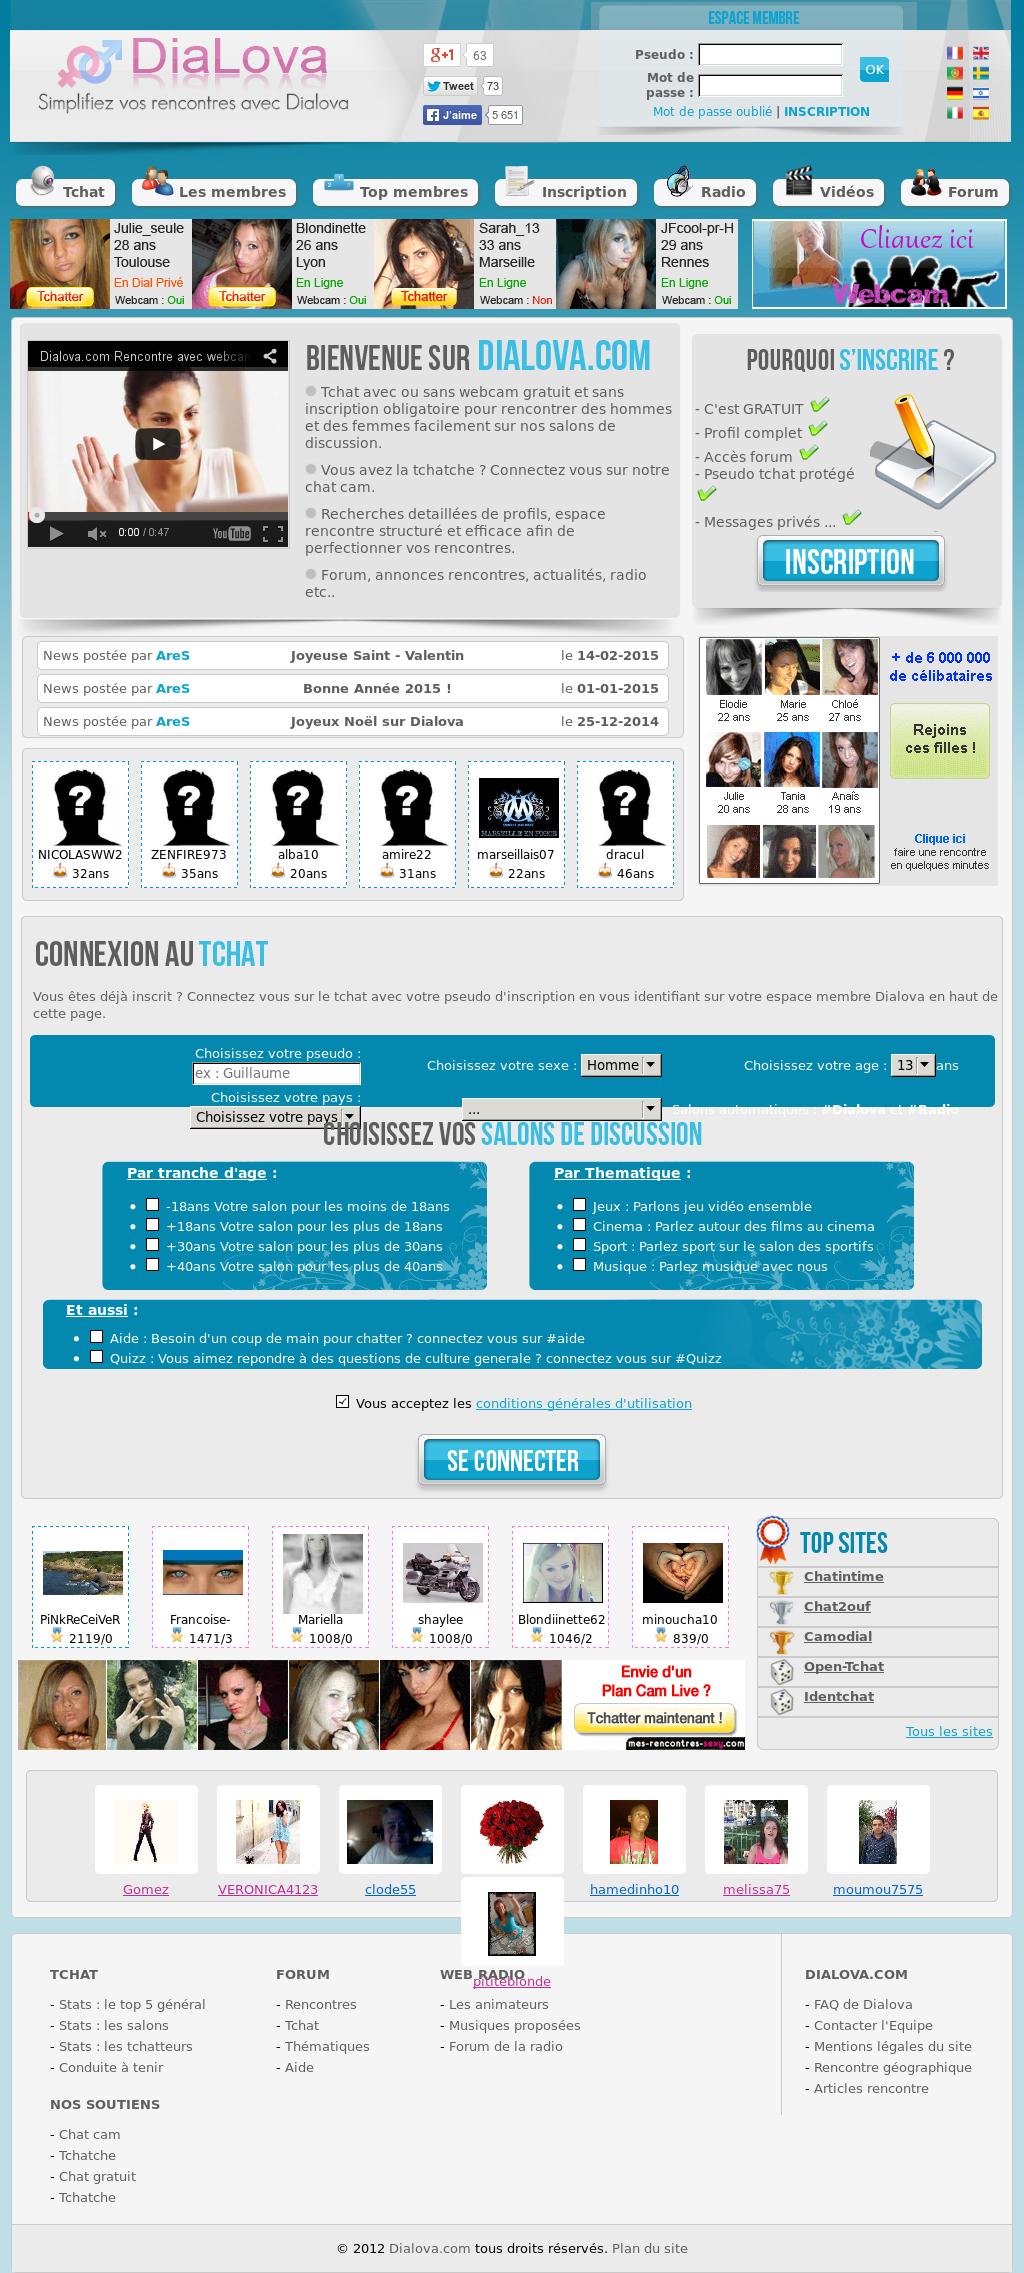 Headline profil de rencontre faire des sites de rencontres en ligne de travail Yahoo